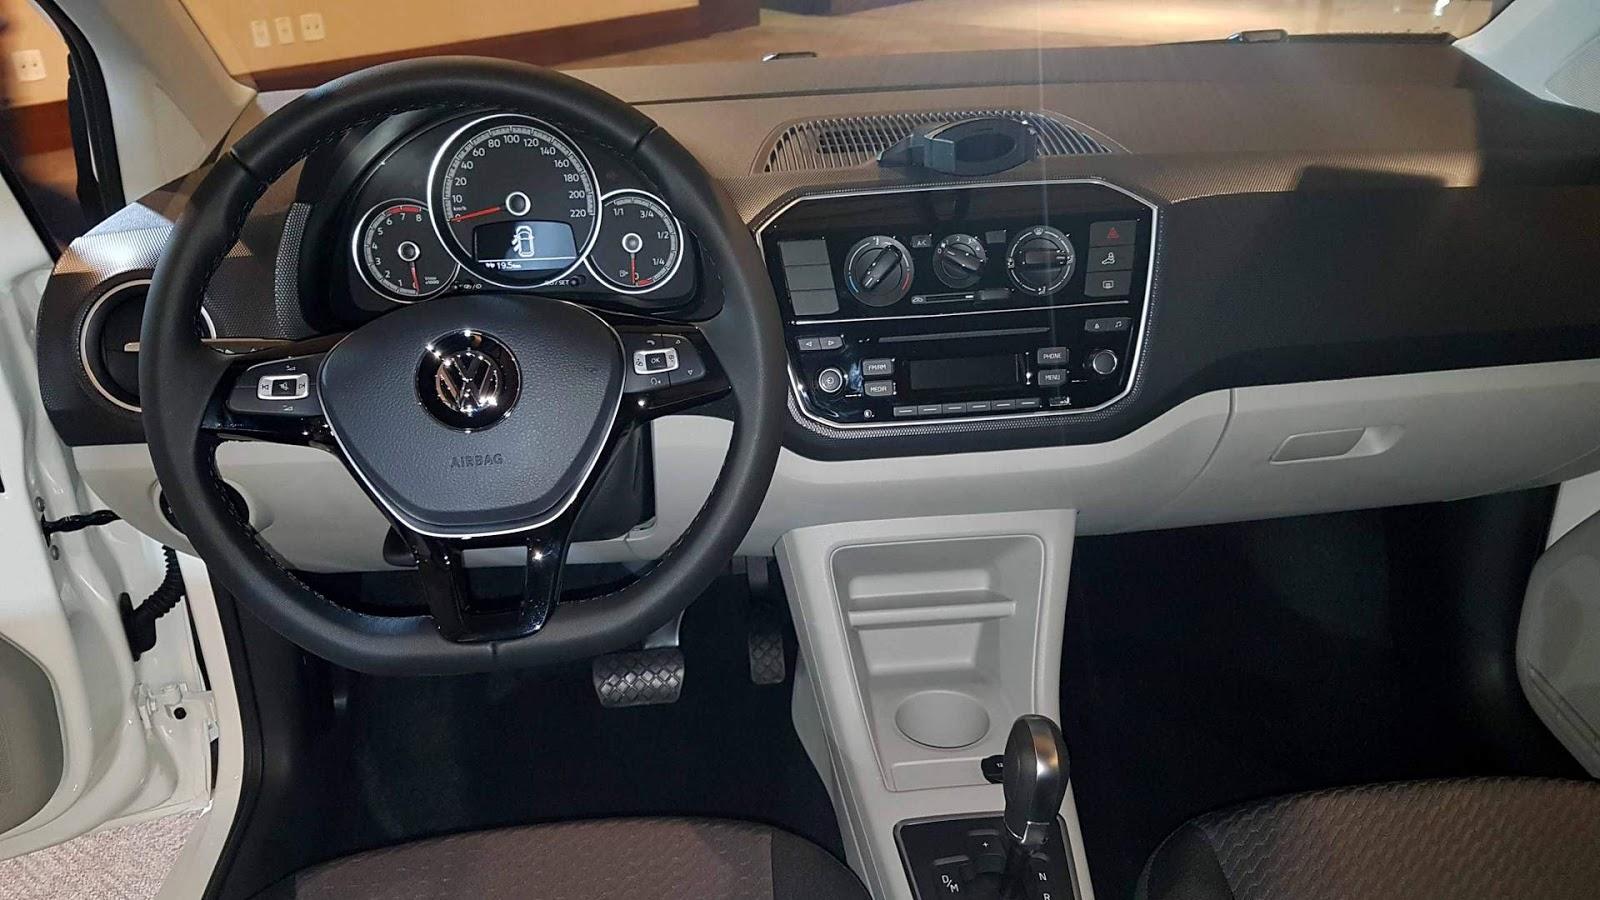 Novo vw up 2018 autom tico v deo pre o consumo car for B b interno 8